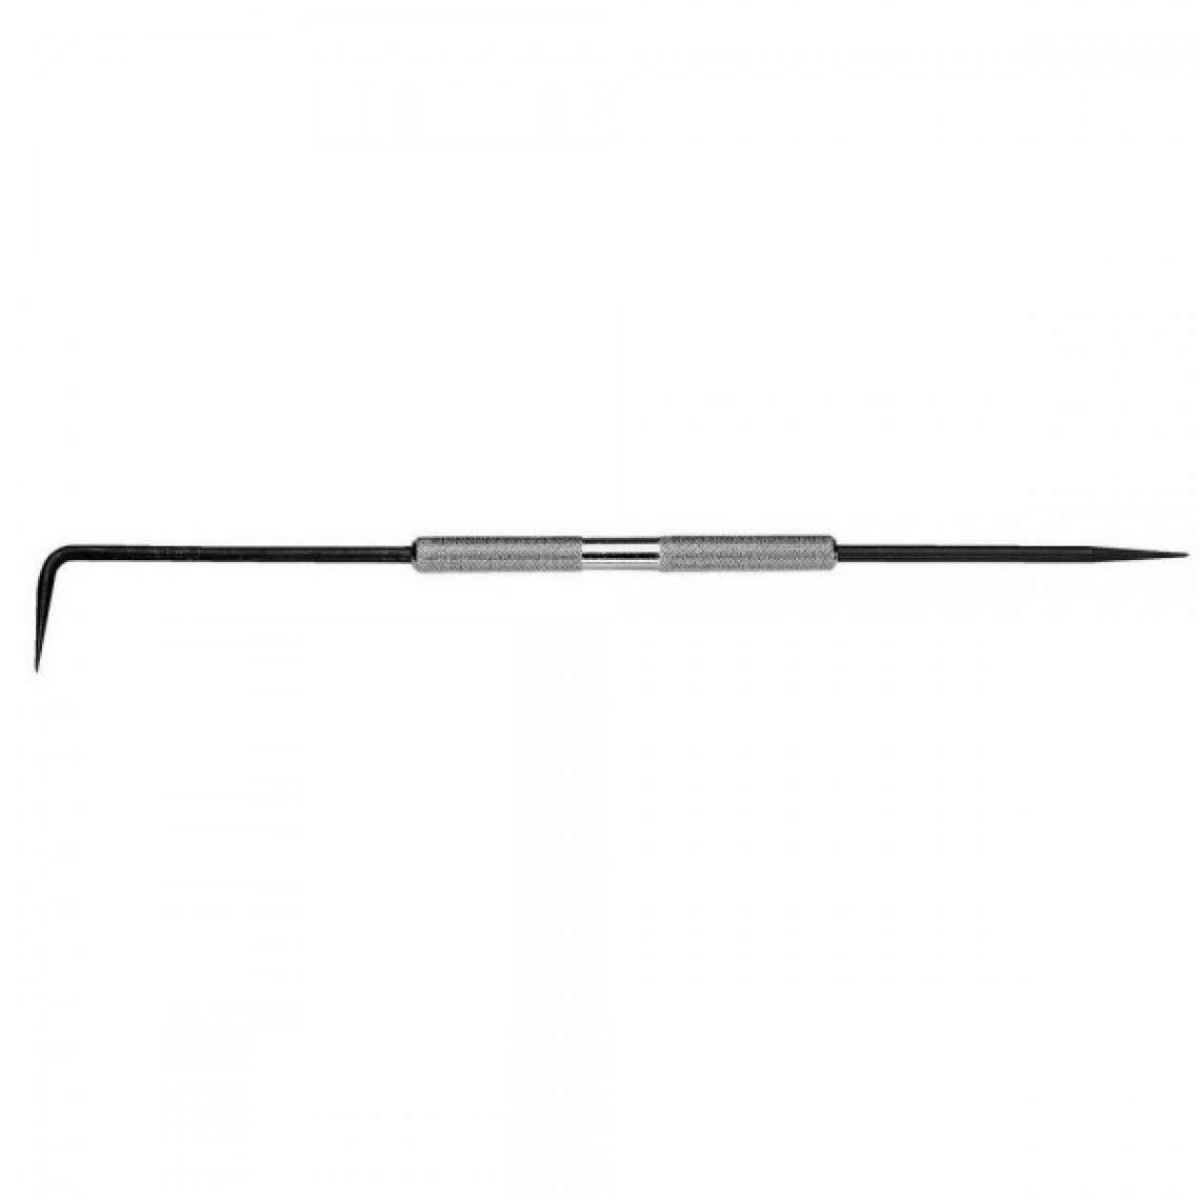 Facom Pointe à tracer 4mm à pointes acier interchangeables